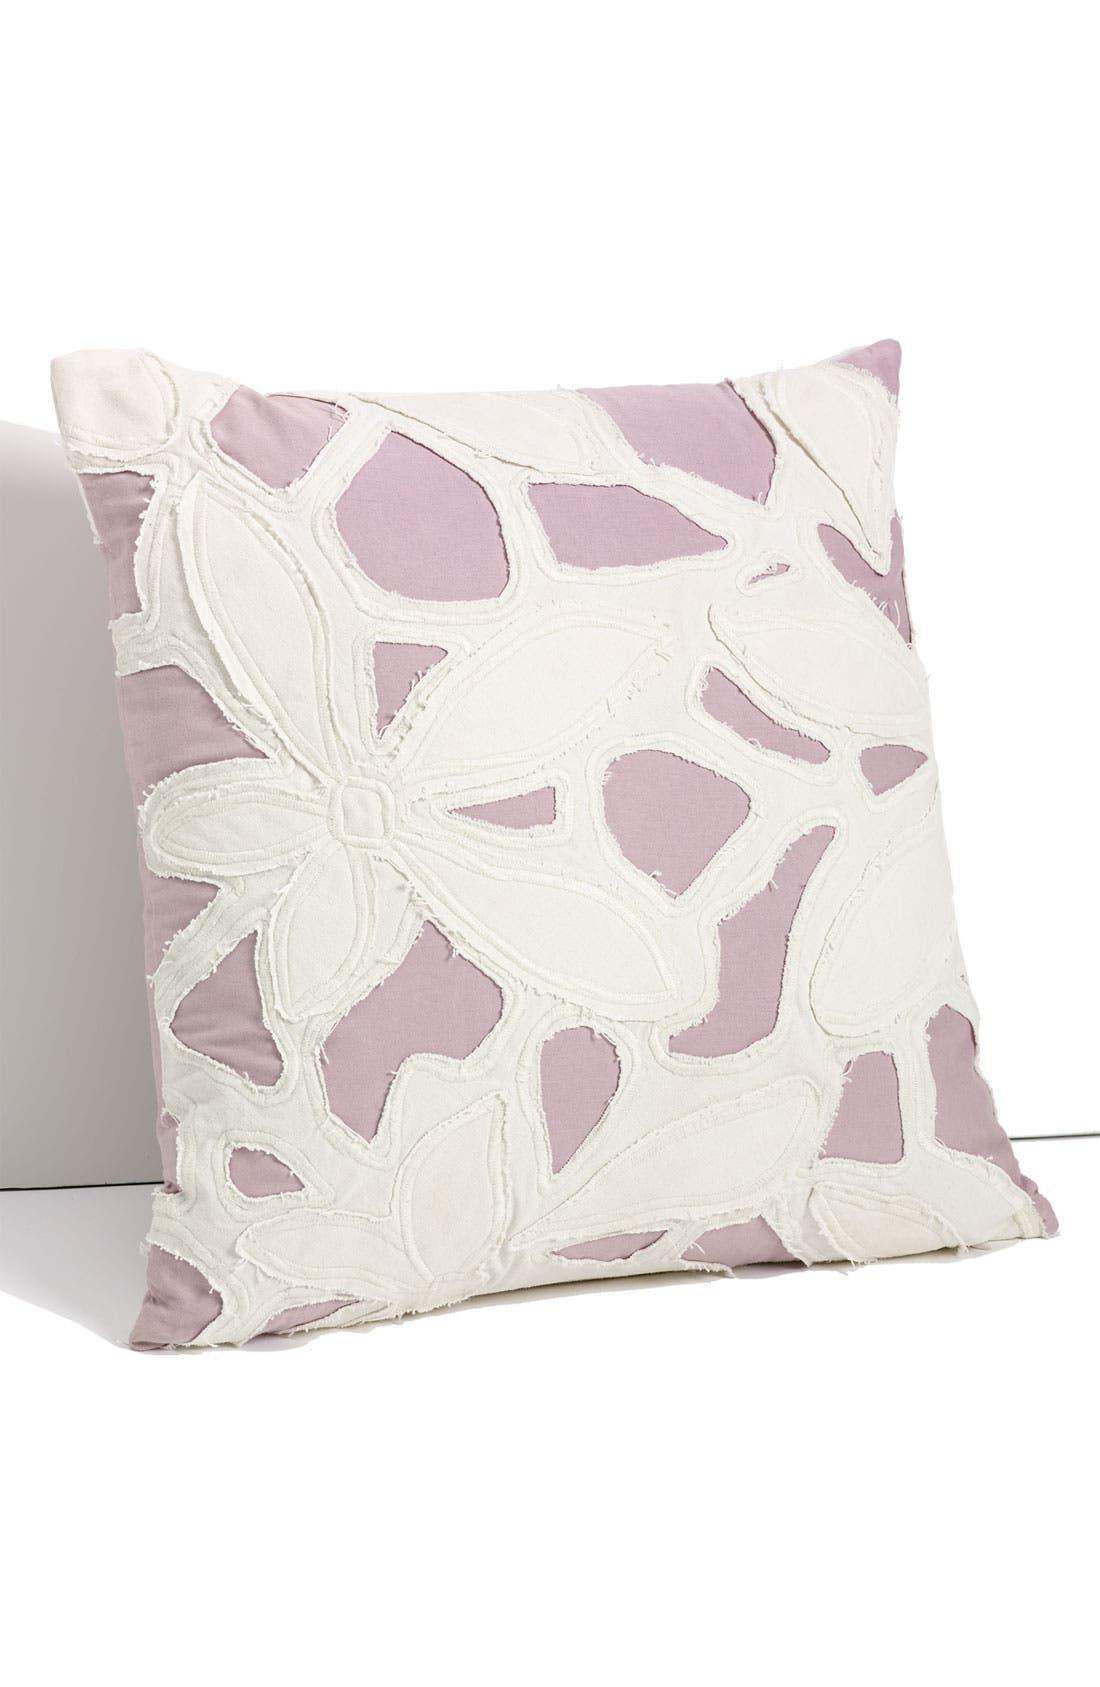 Main Image - Diane von Furstenberg Cutout Appliqué Pillow